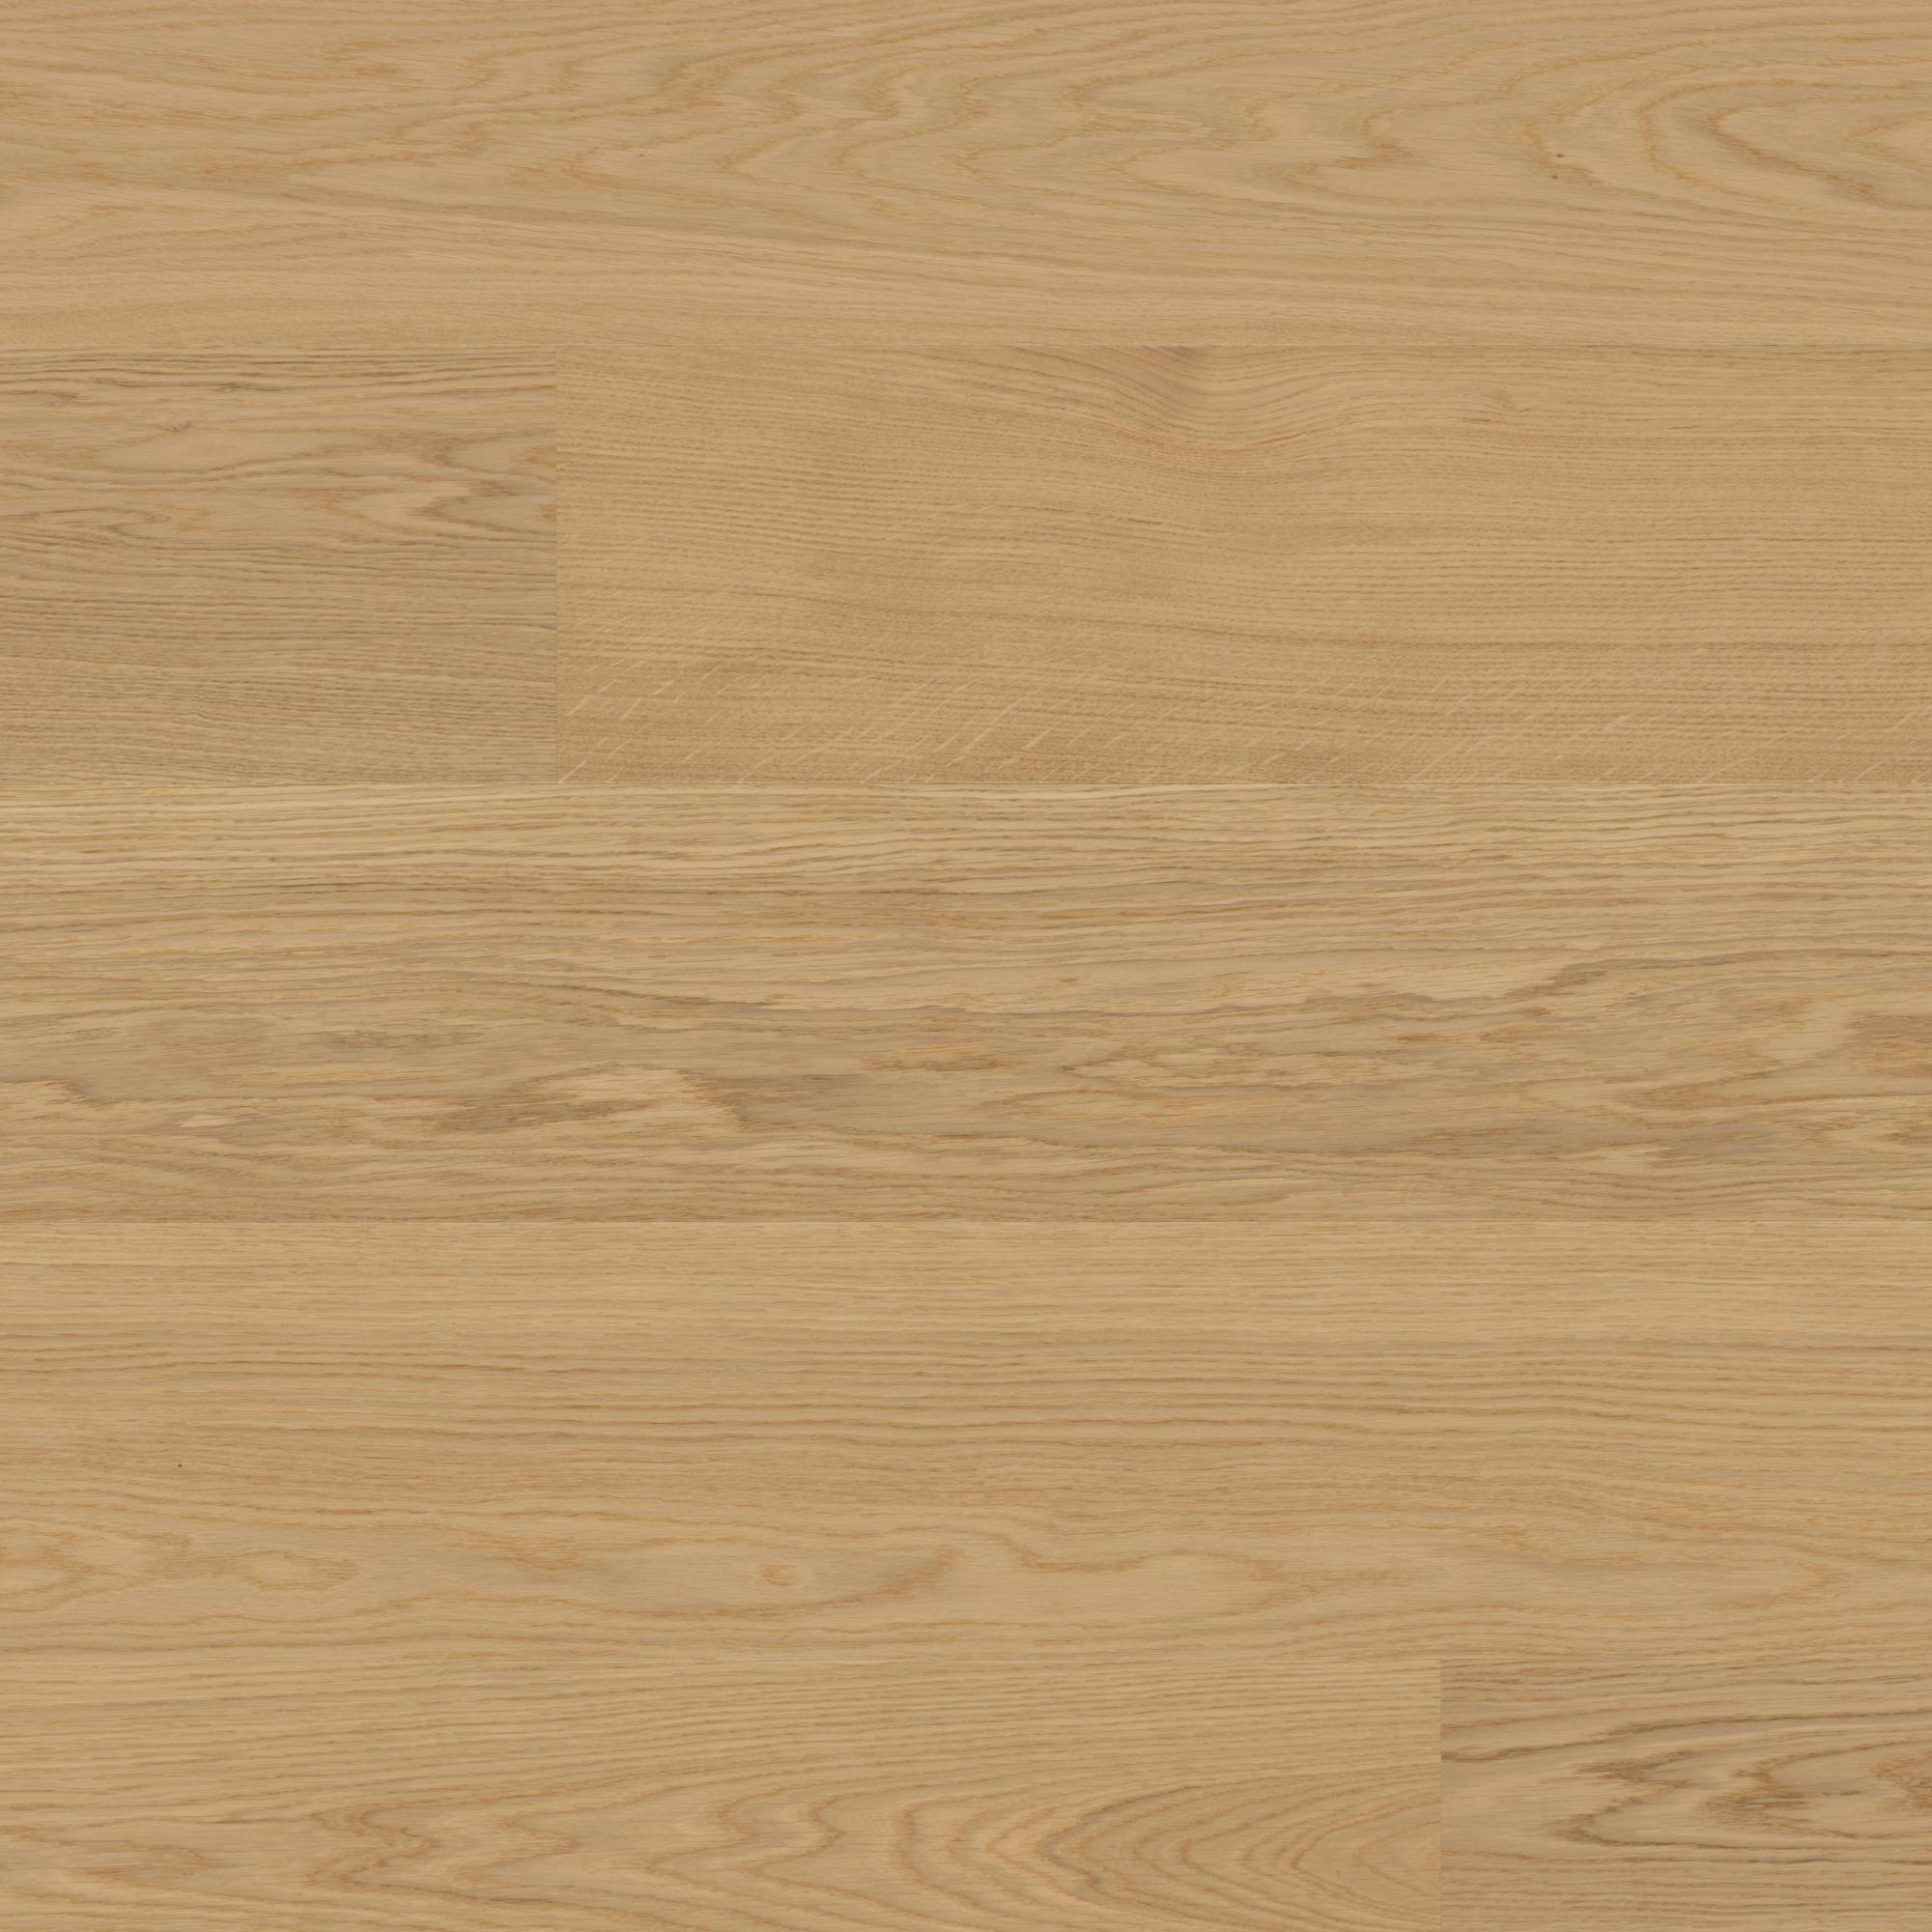 Trägolv Bjelin Parkett Ek Plank 200 Nature Mattlack Vit OP Zlarin 15,5